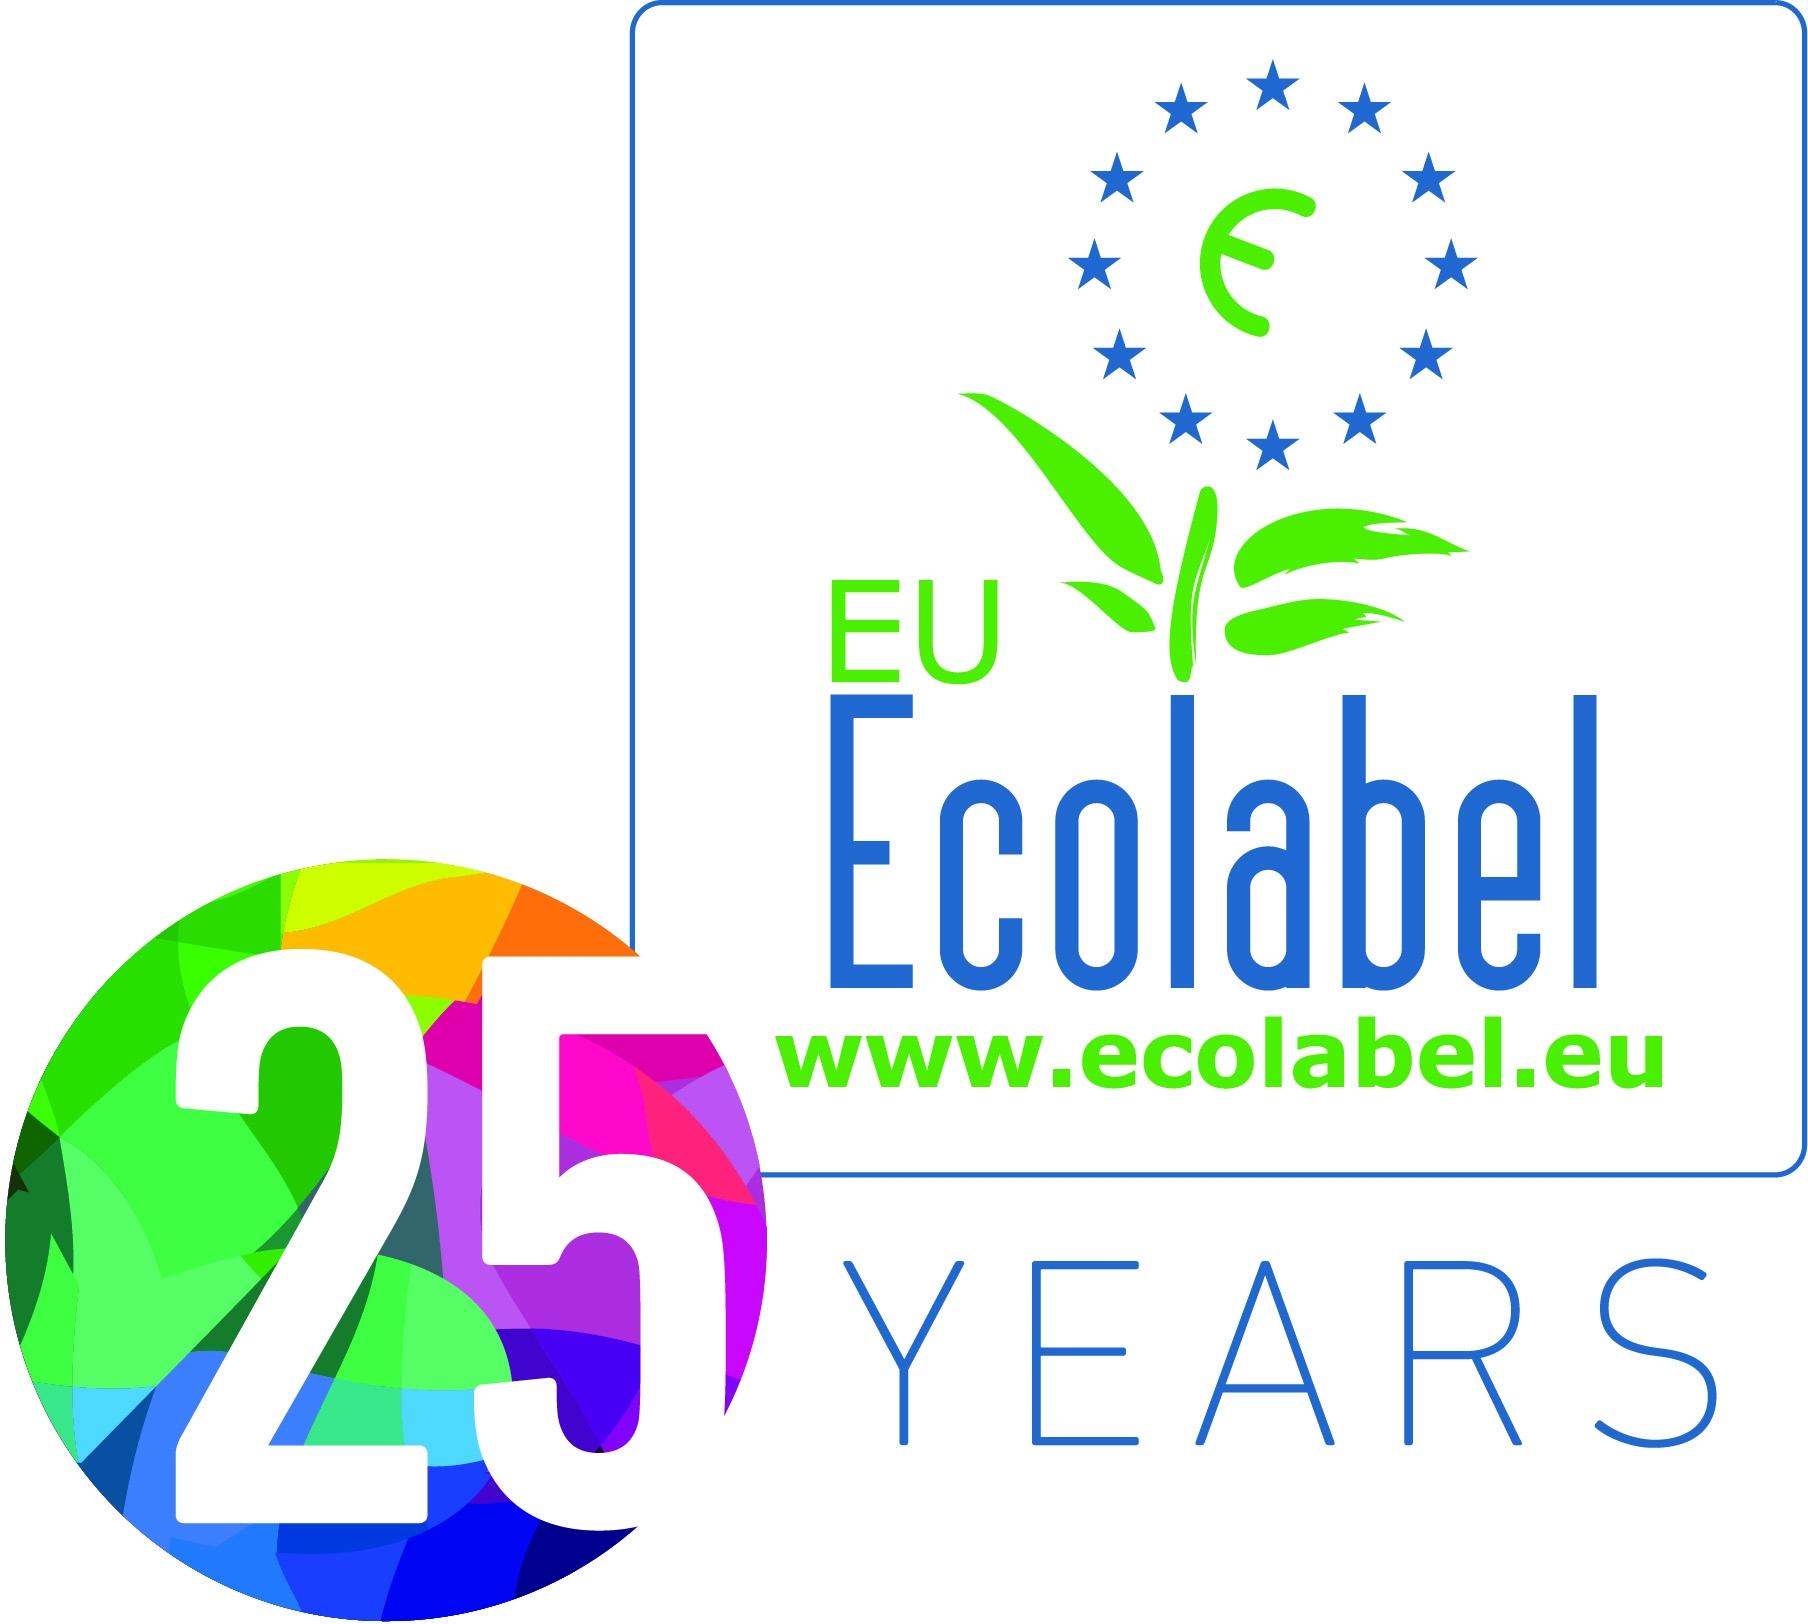 ecolabel 25